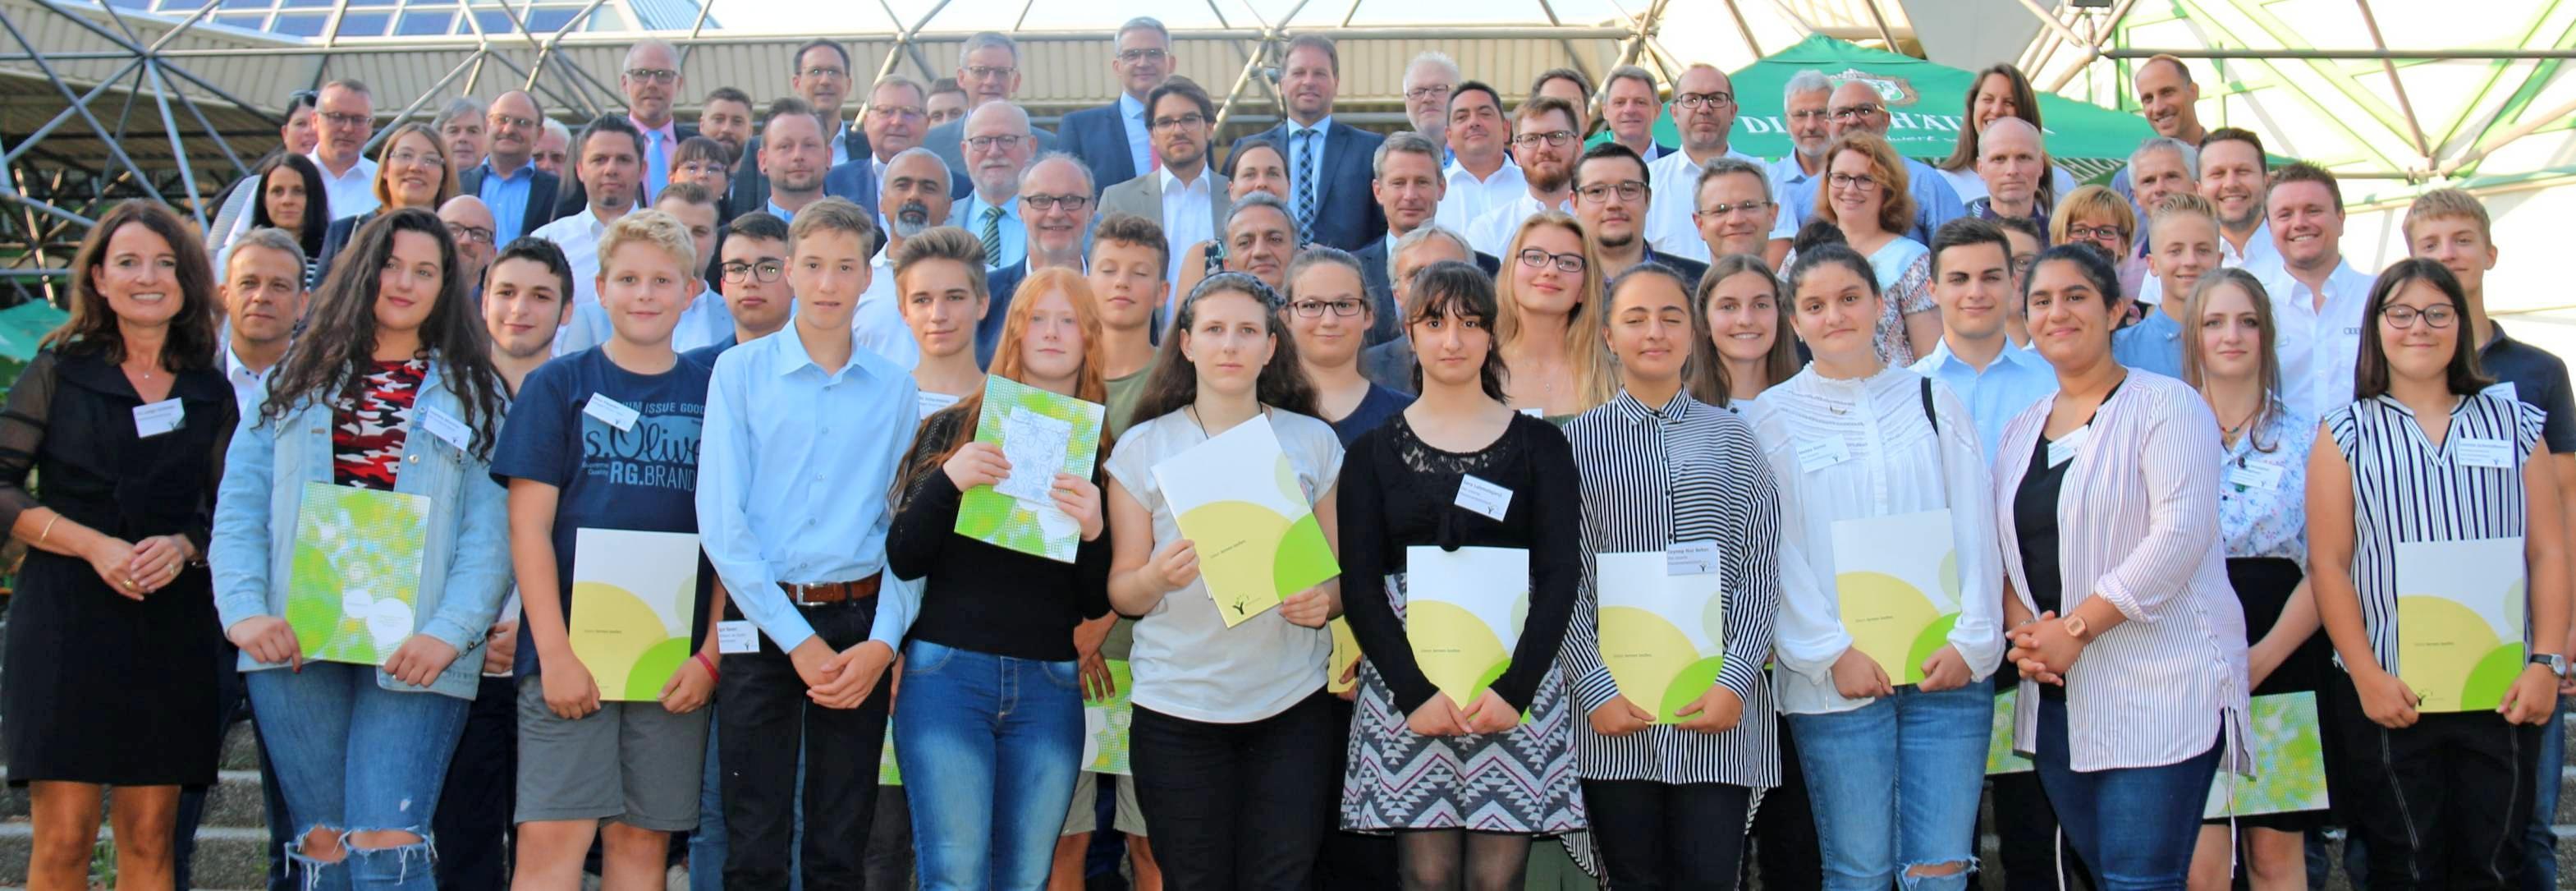 Zum Abschluss des Schülerwettbewerbs Kreative Köpfe im Raum Neckarsulm wurden die Preisträger in der Ballei Neckarsulm ausgezeichnet. Foto: snp